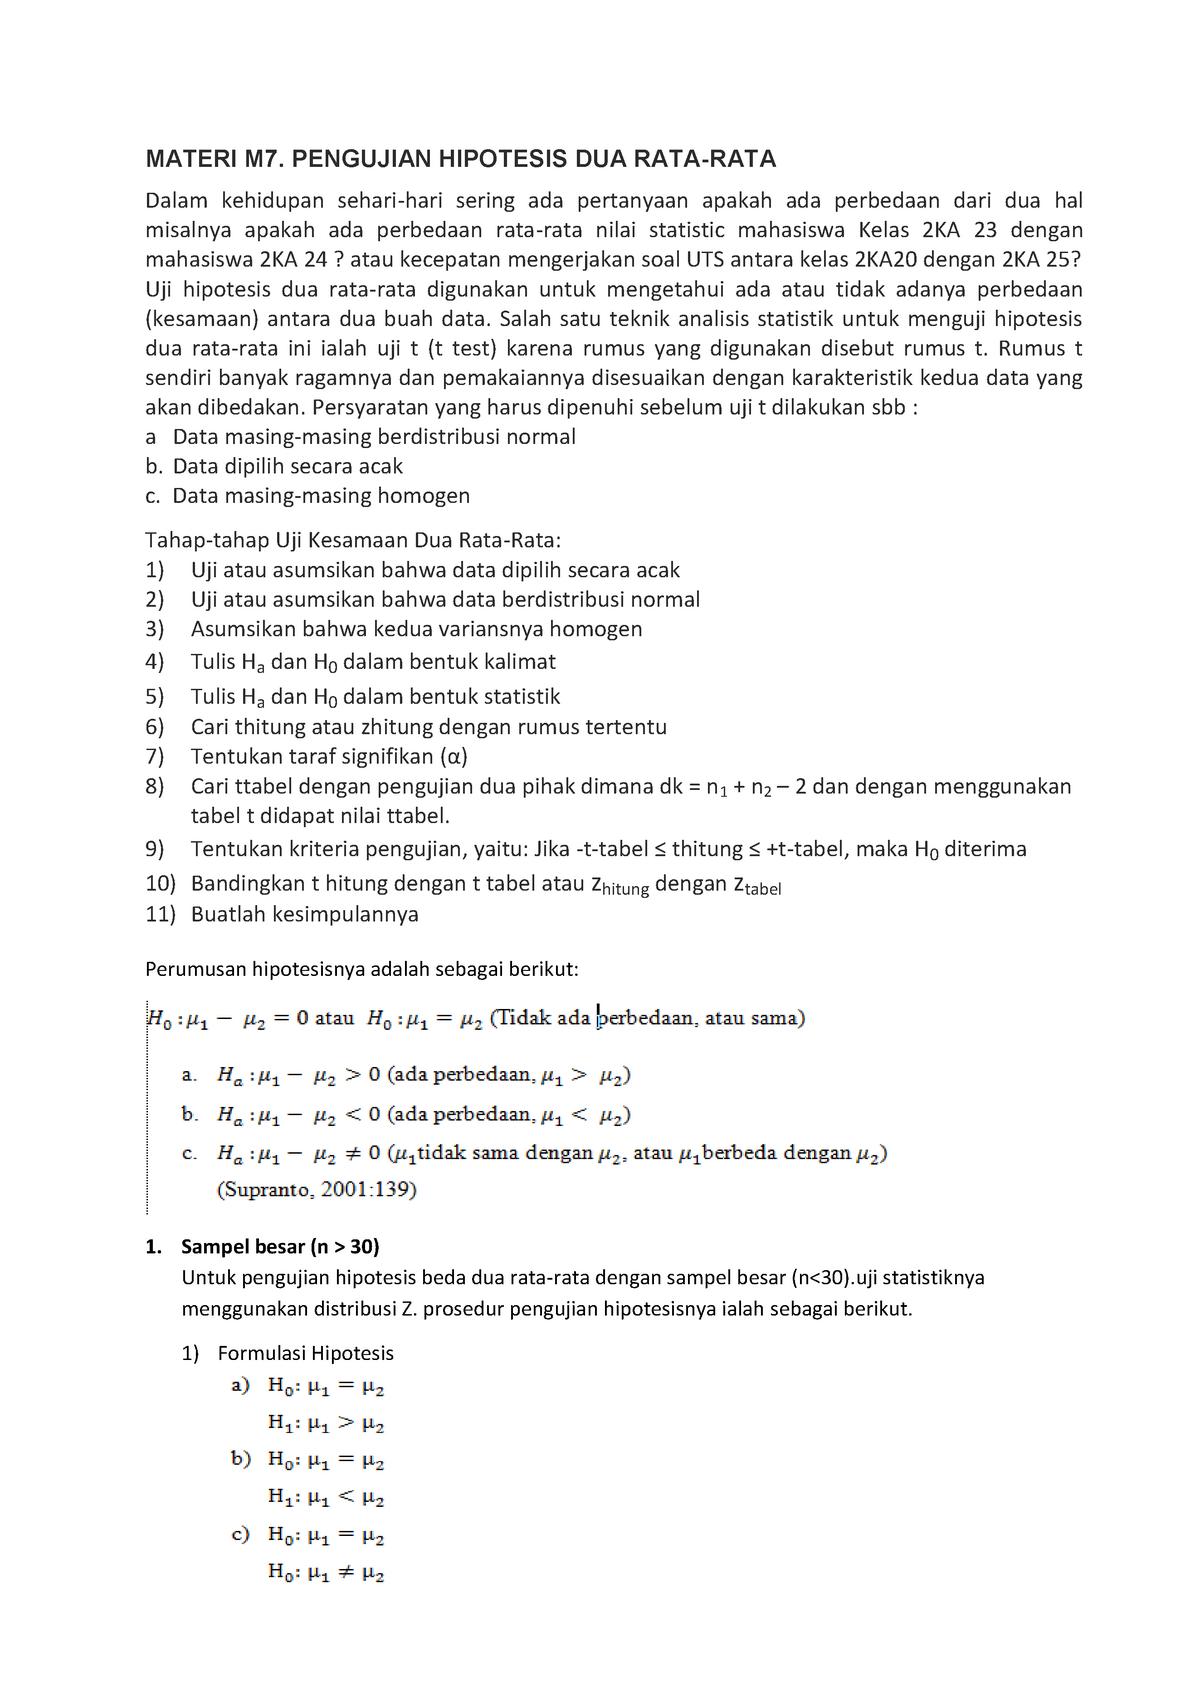 Materi M7 Pengujian Hipotesis Dua Rata Rata Uji Z Dan Uji T Warning Tt Undefined Function 32 Warning Tt Undefined Function 32 Materi M7 Pengujian Hipotesis Studocu